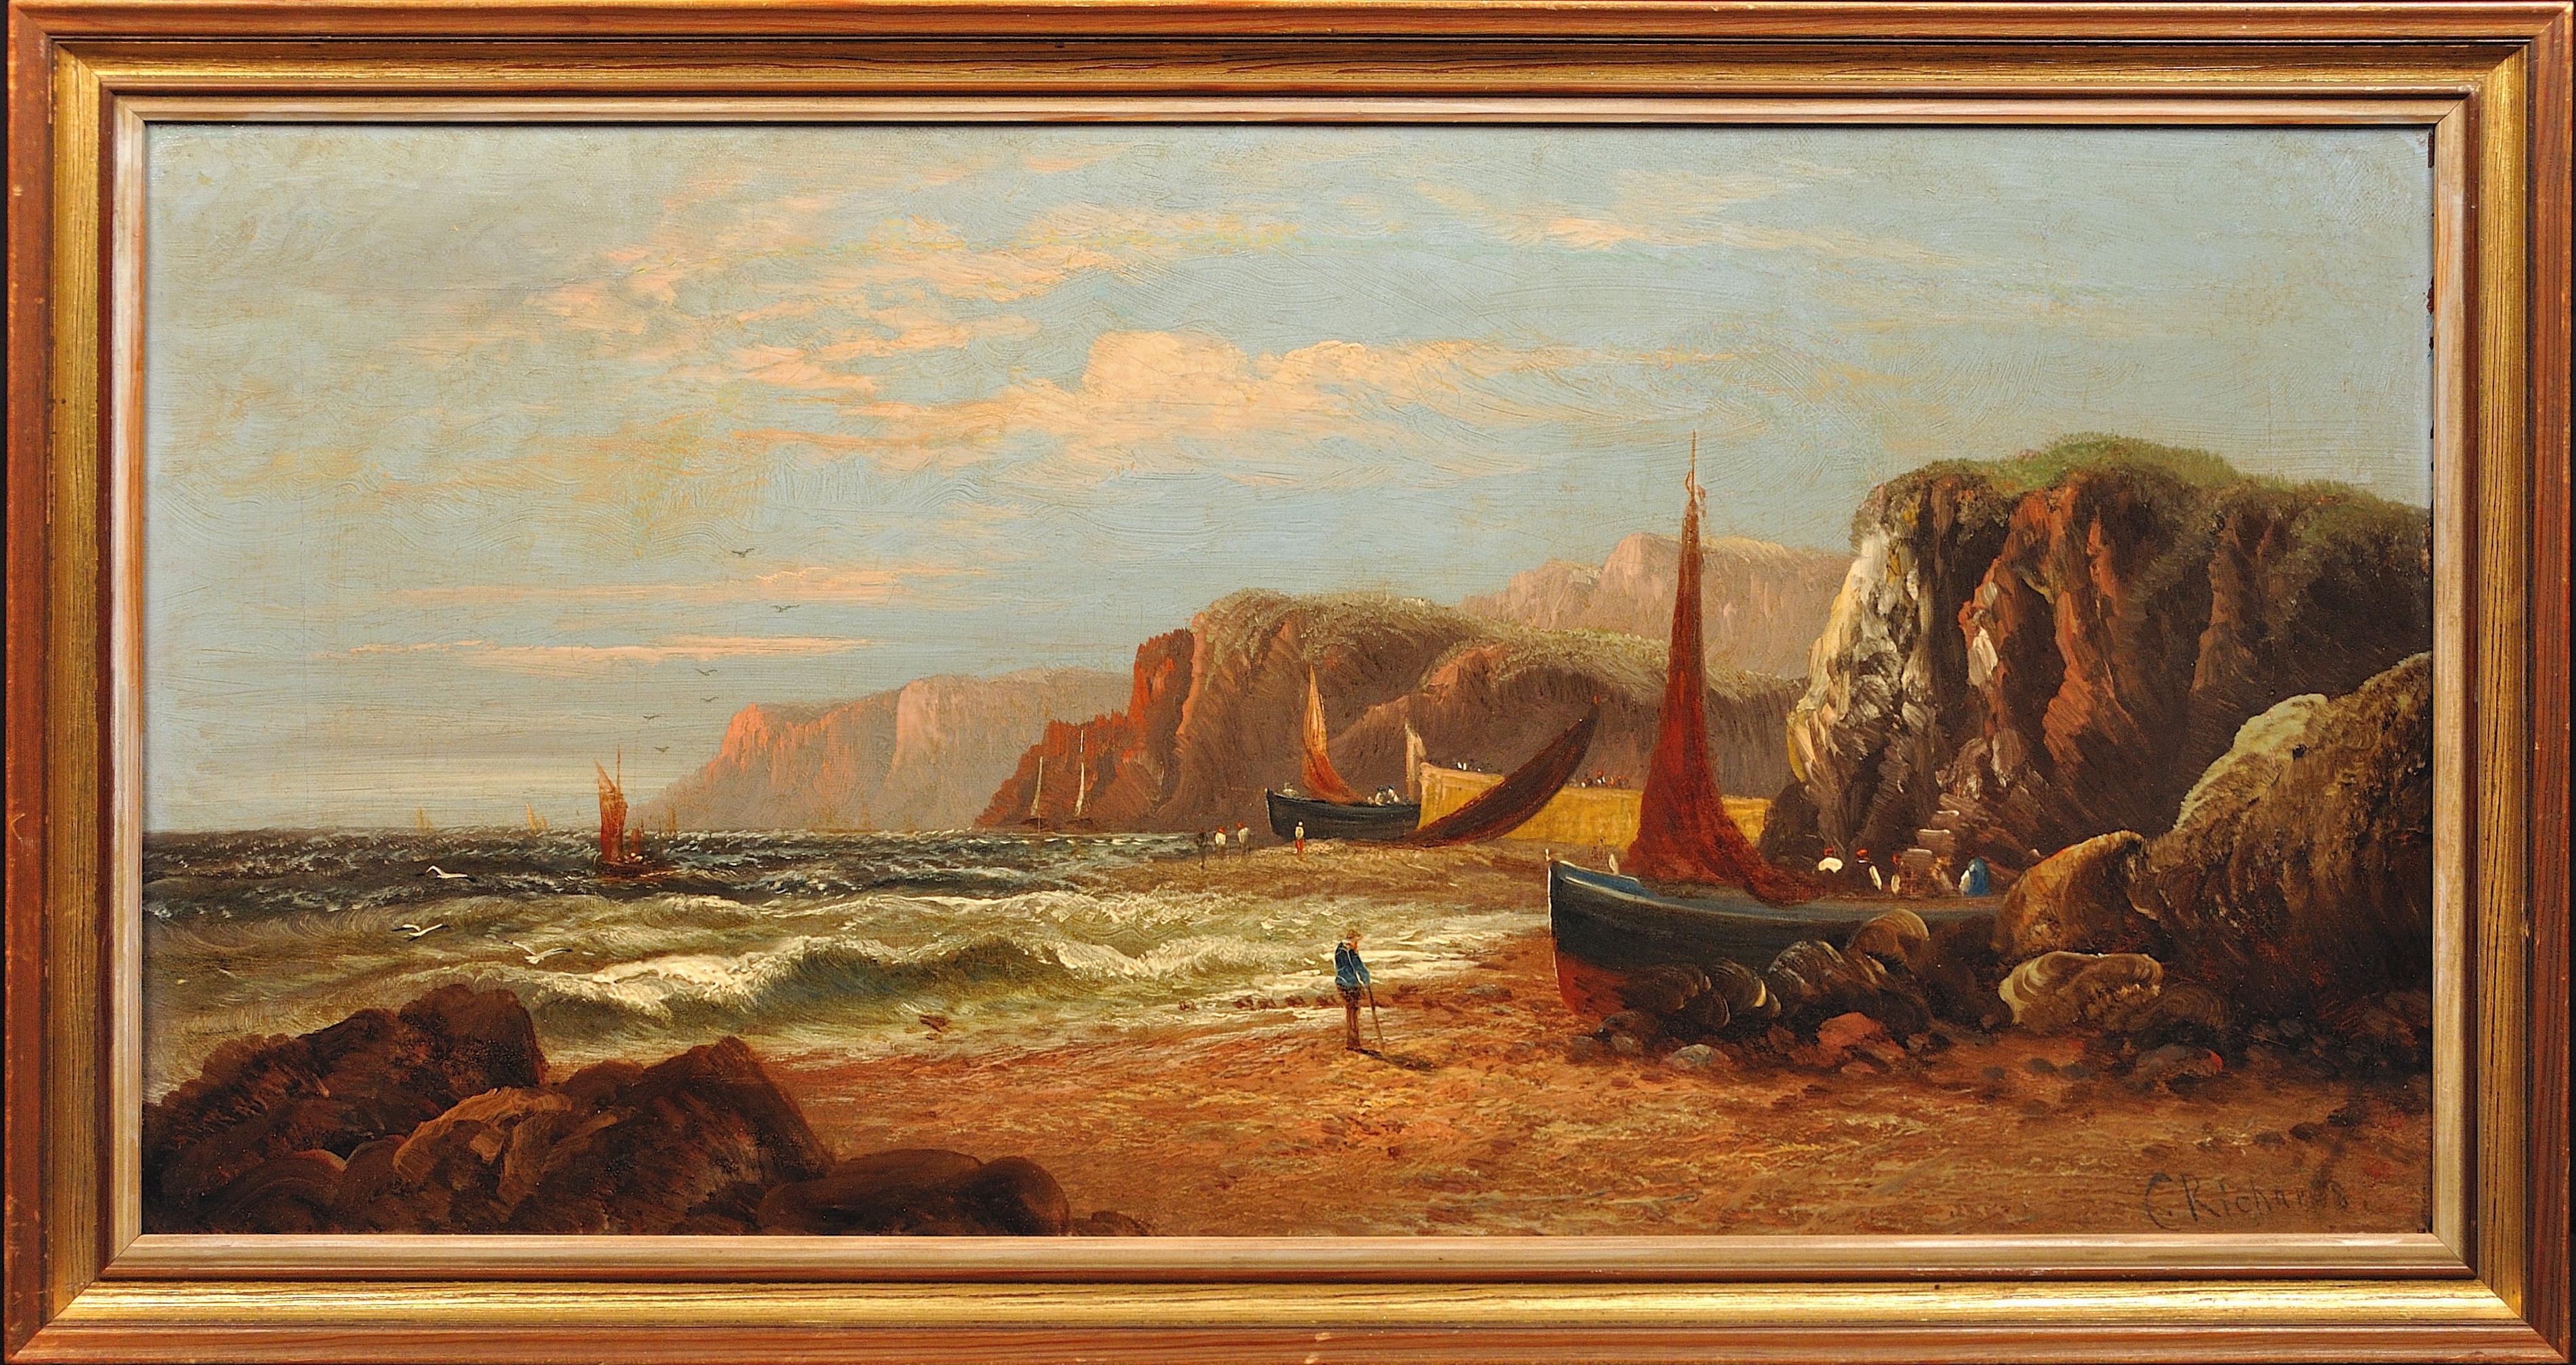 Nefyn, Gwynedd, North Wales. Original Oil Painting Daniel Sherrin Pseudonym